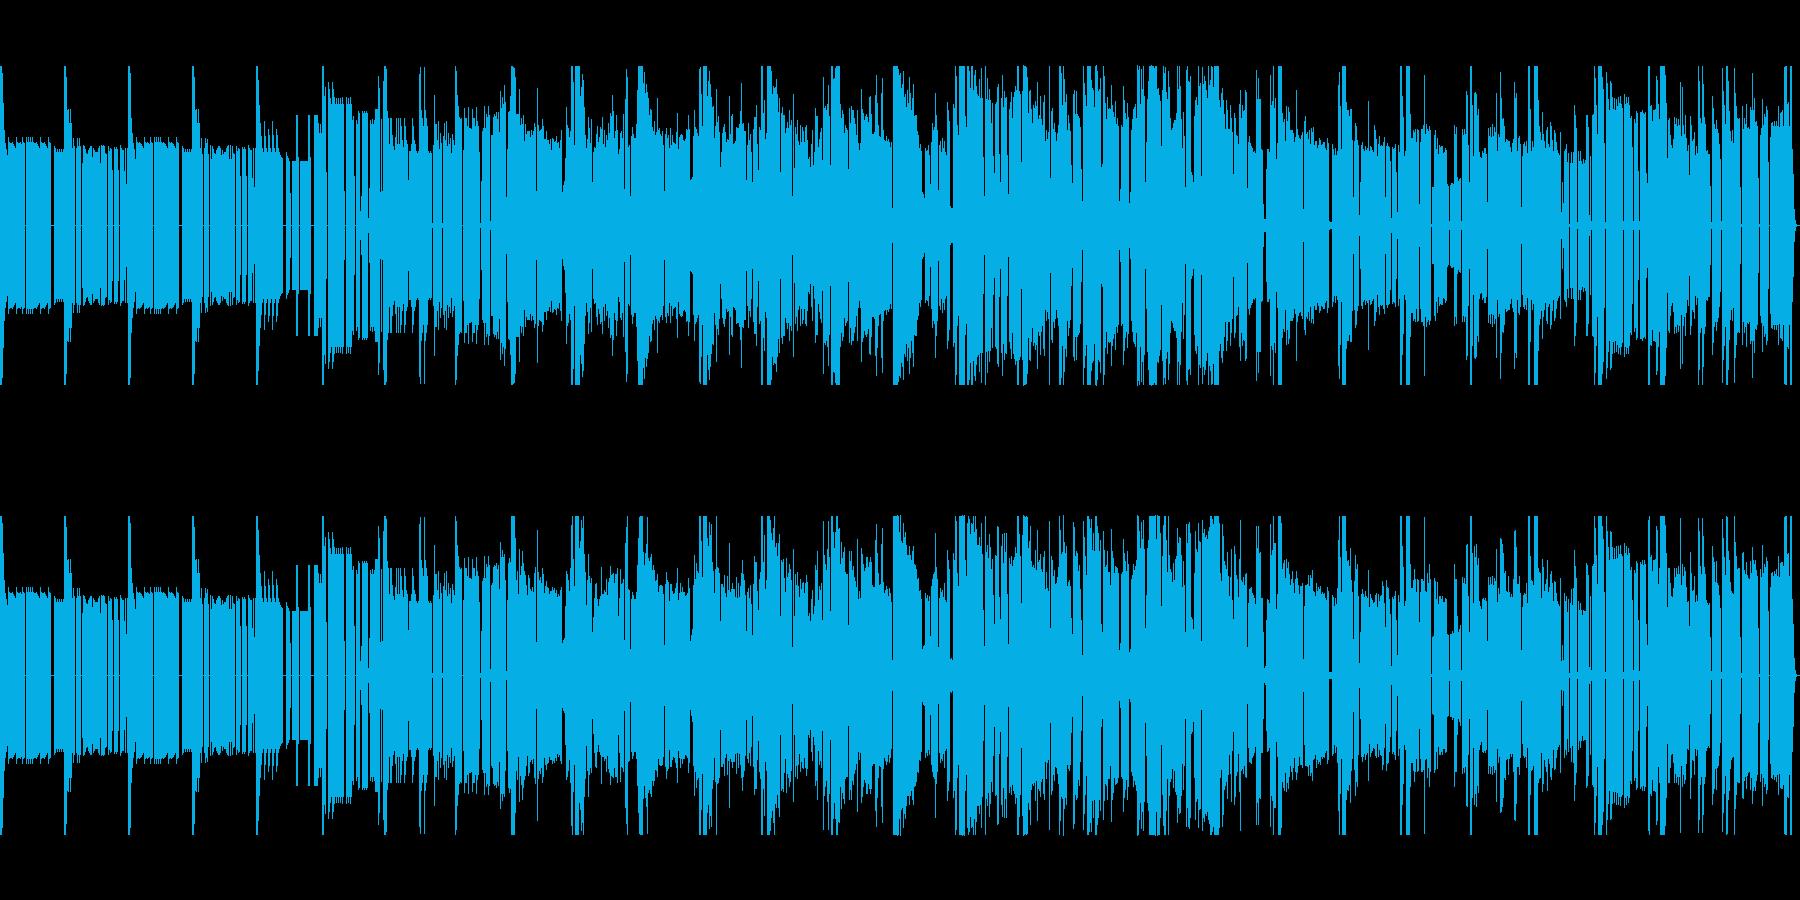 幻想的で不思議なスピリチュアル風サウンドの再生済みの波形